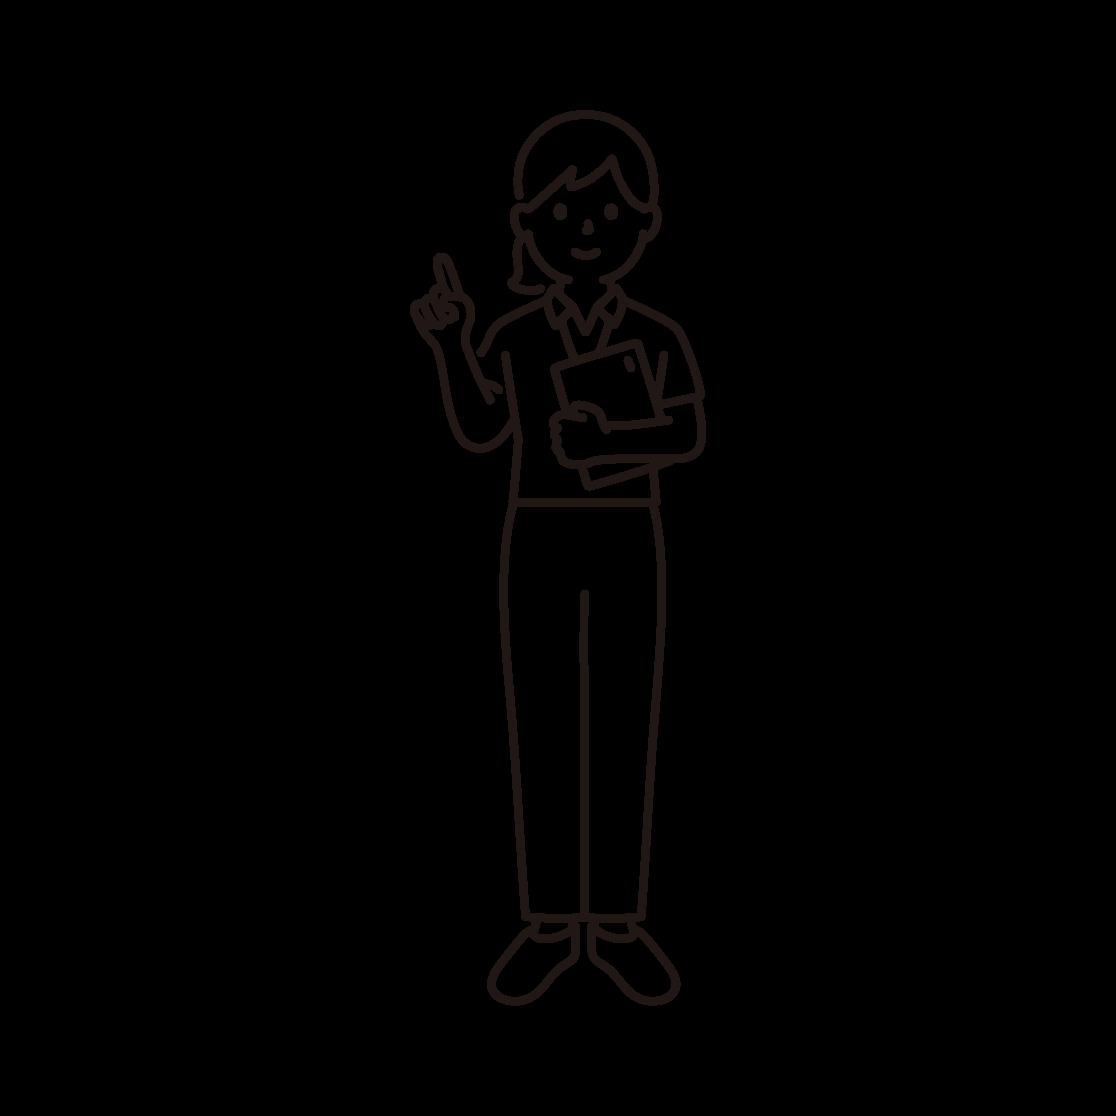 スポーツジムのインストラクター(女性)の線画イラスト